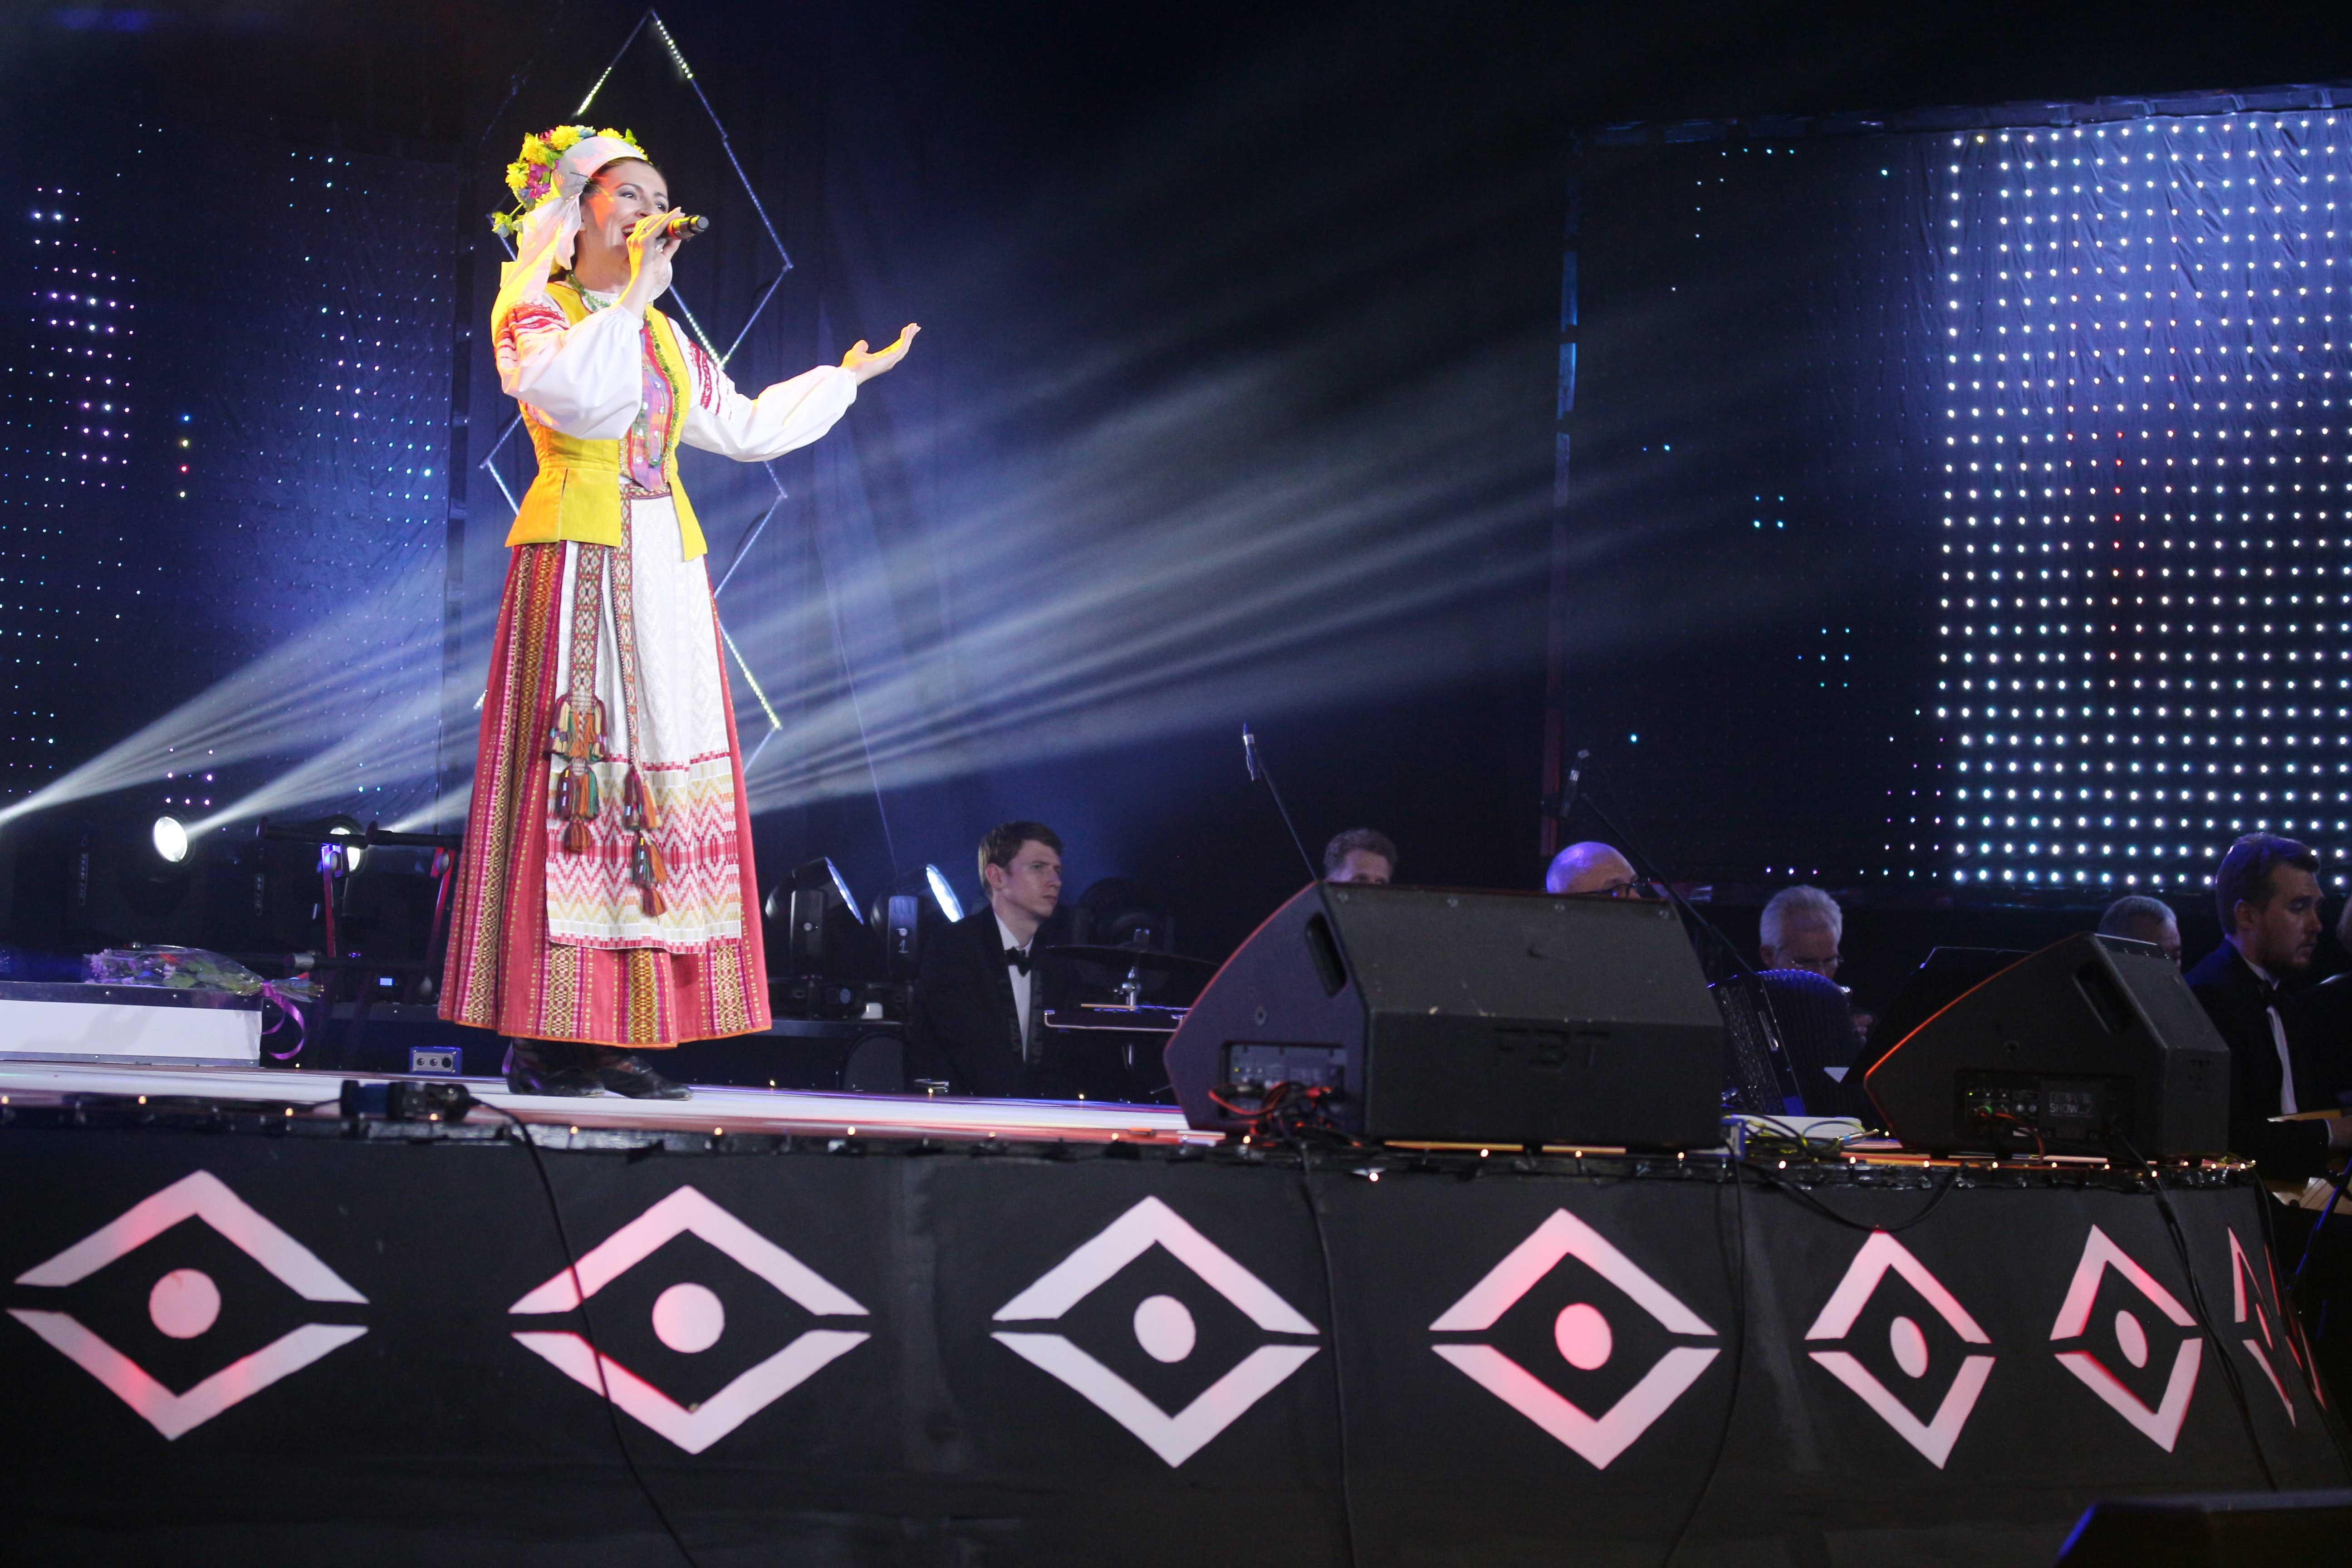 конкурсанты на сцене